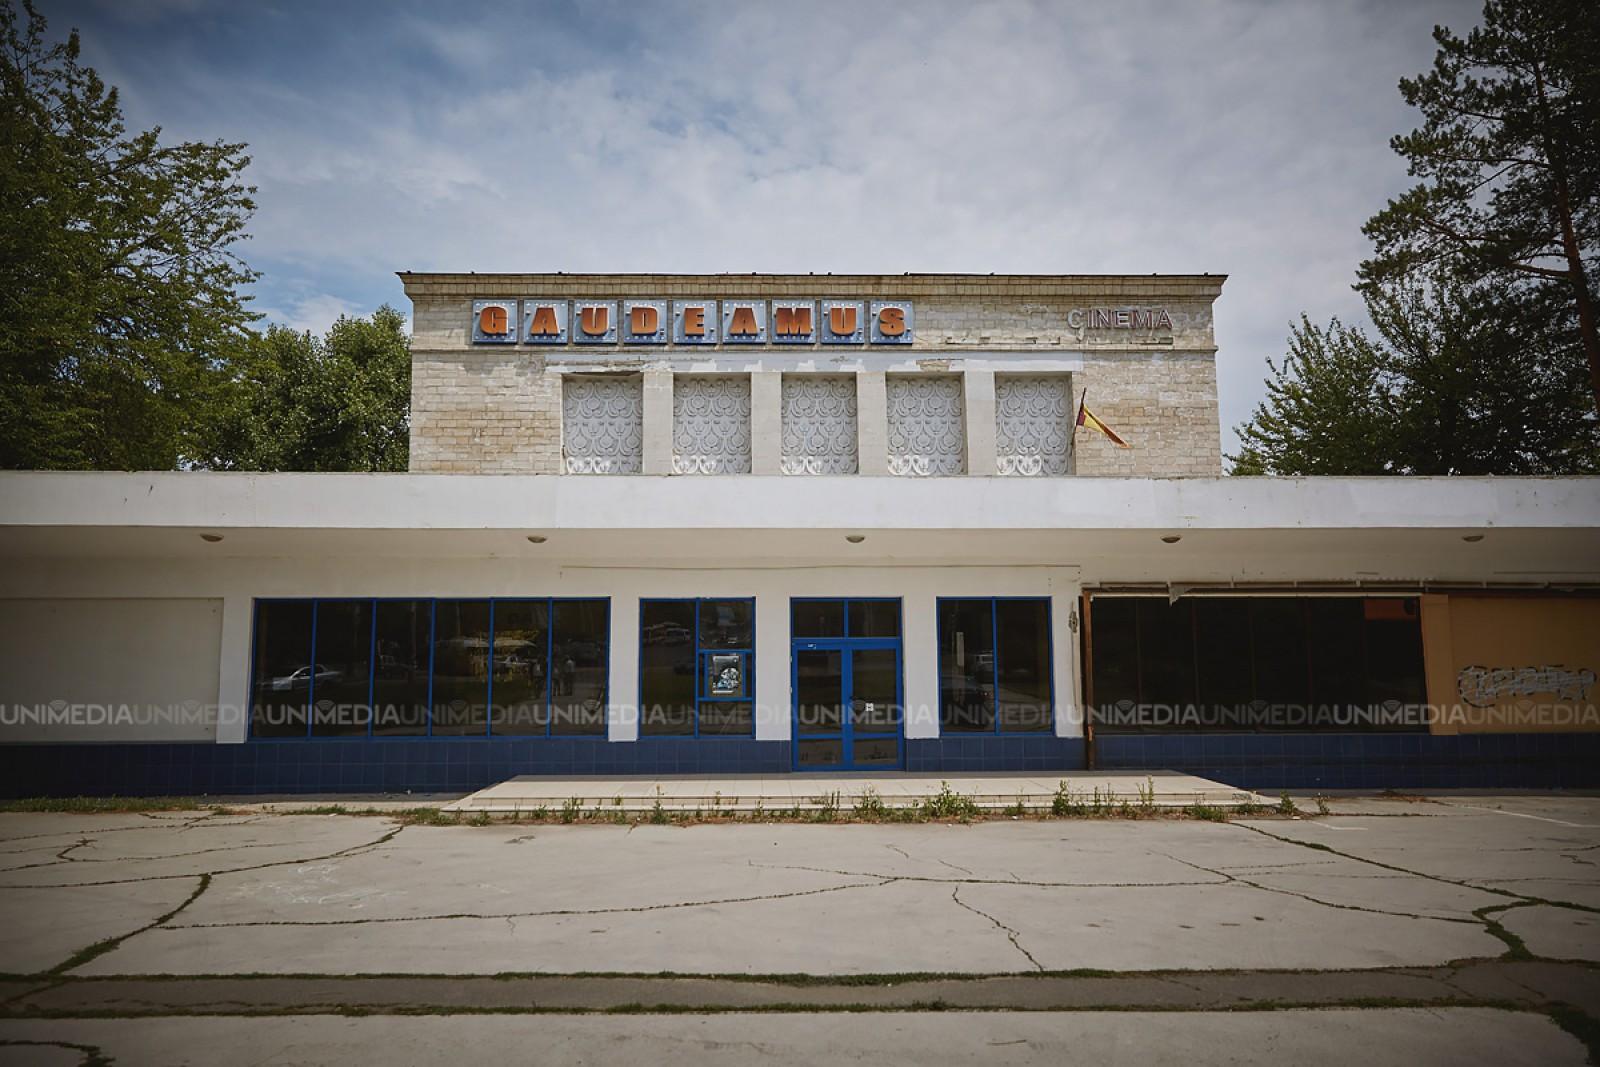 """(doc) Primăria capitalei a făcut publice documente ce ar arăta legalitatea demolării cinematografului """"Gaudeamus"""""""